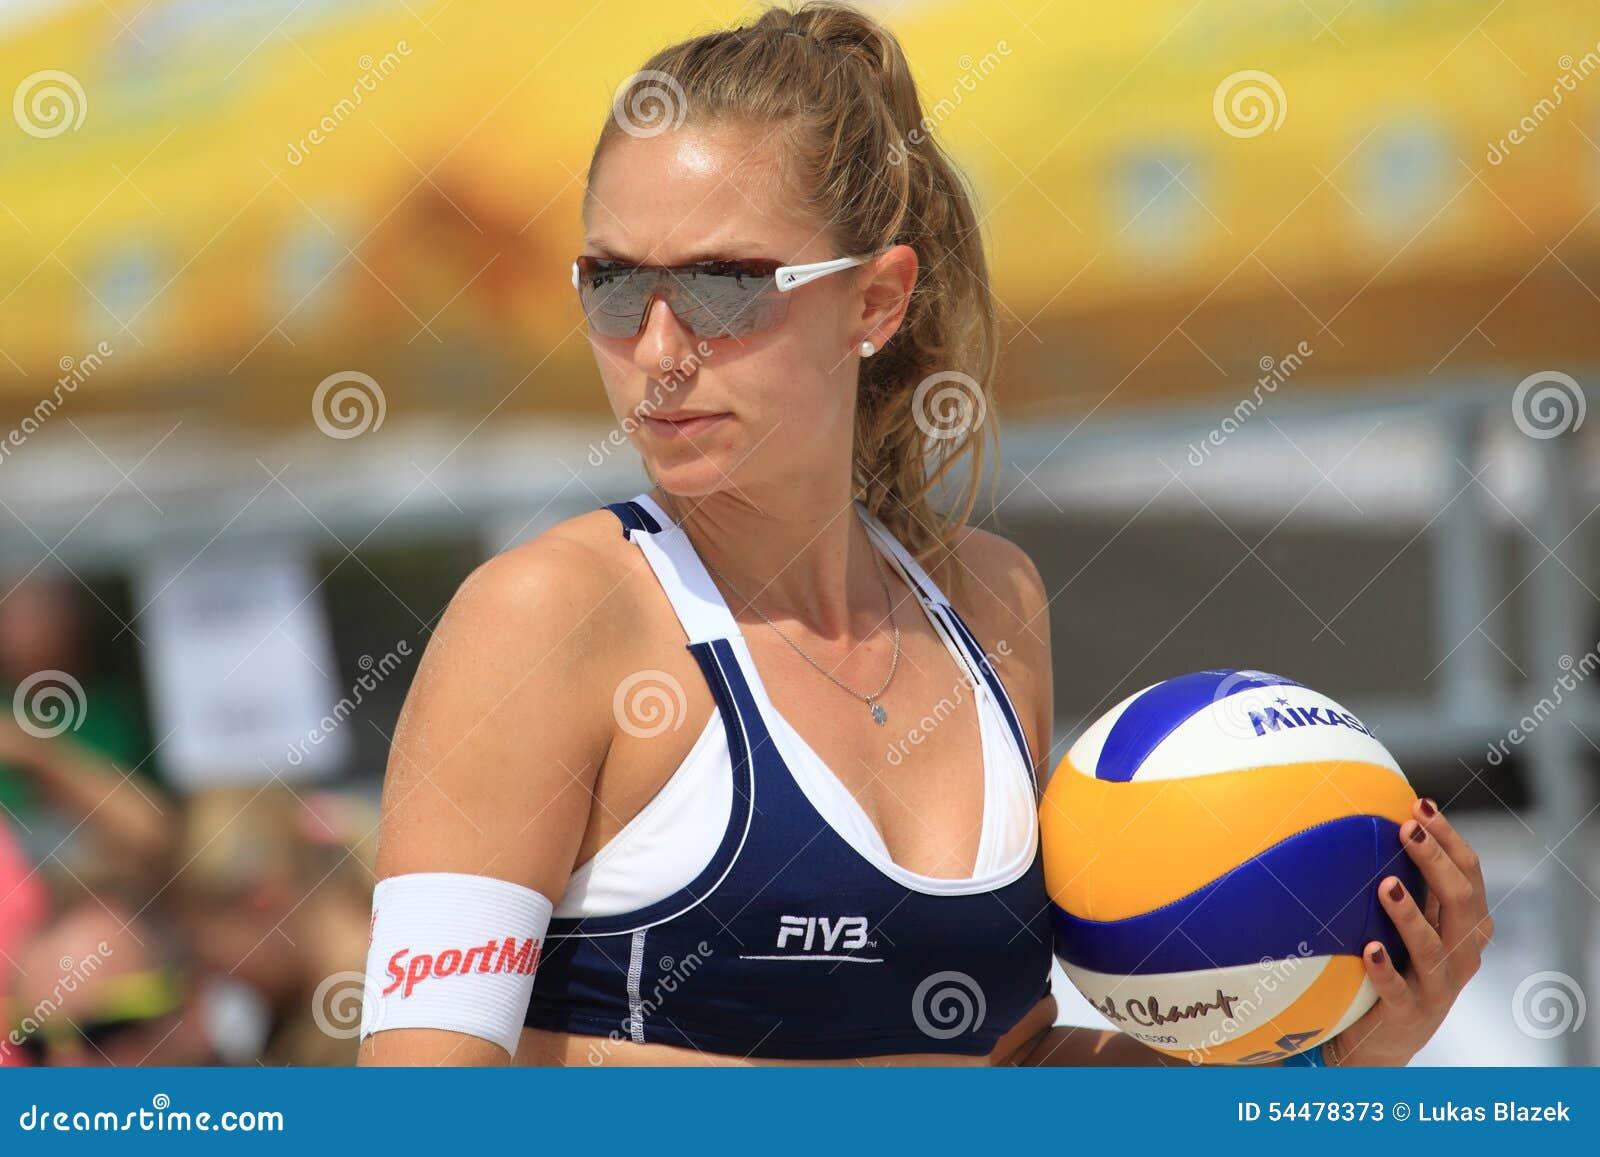 f8266c2b8c La coordonnée de Nicole Eiholzer dans le match du rond 2 dans Prague ouvert  dans le volleyball de plage entre Betschart/Eiholzer et Eduarda/Elize Maia  tenue ...